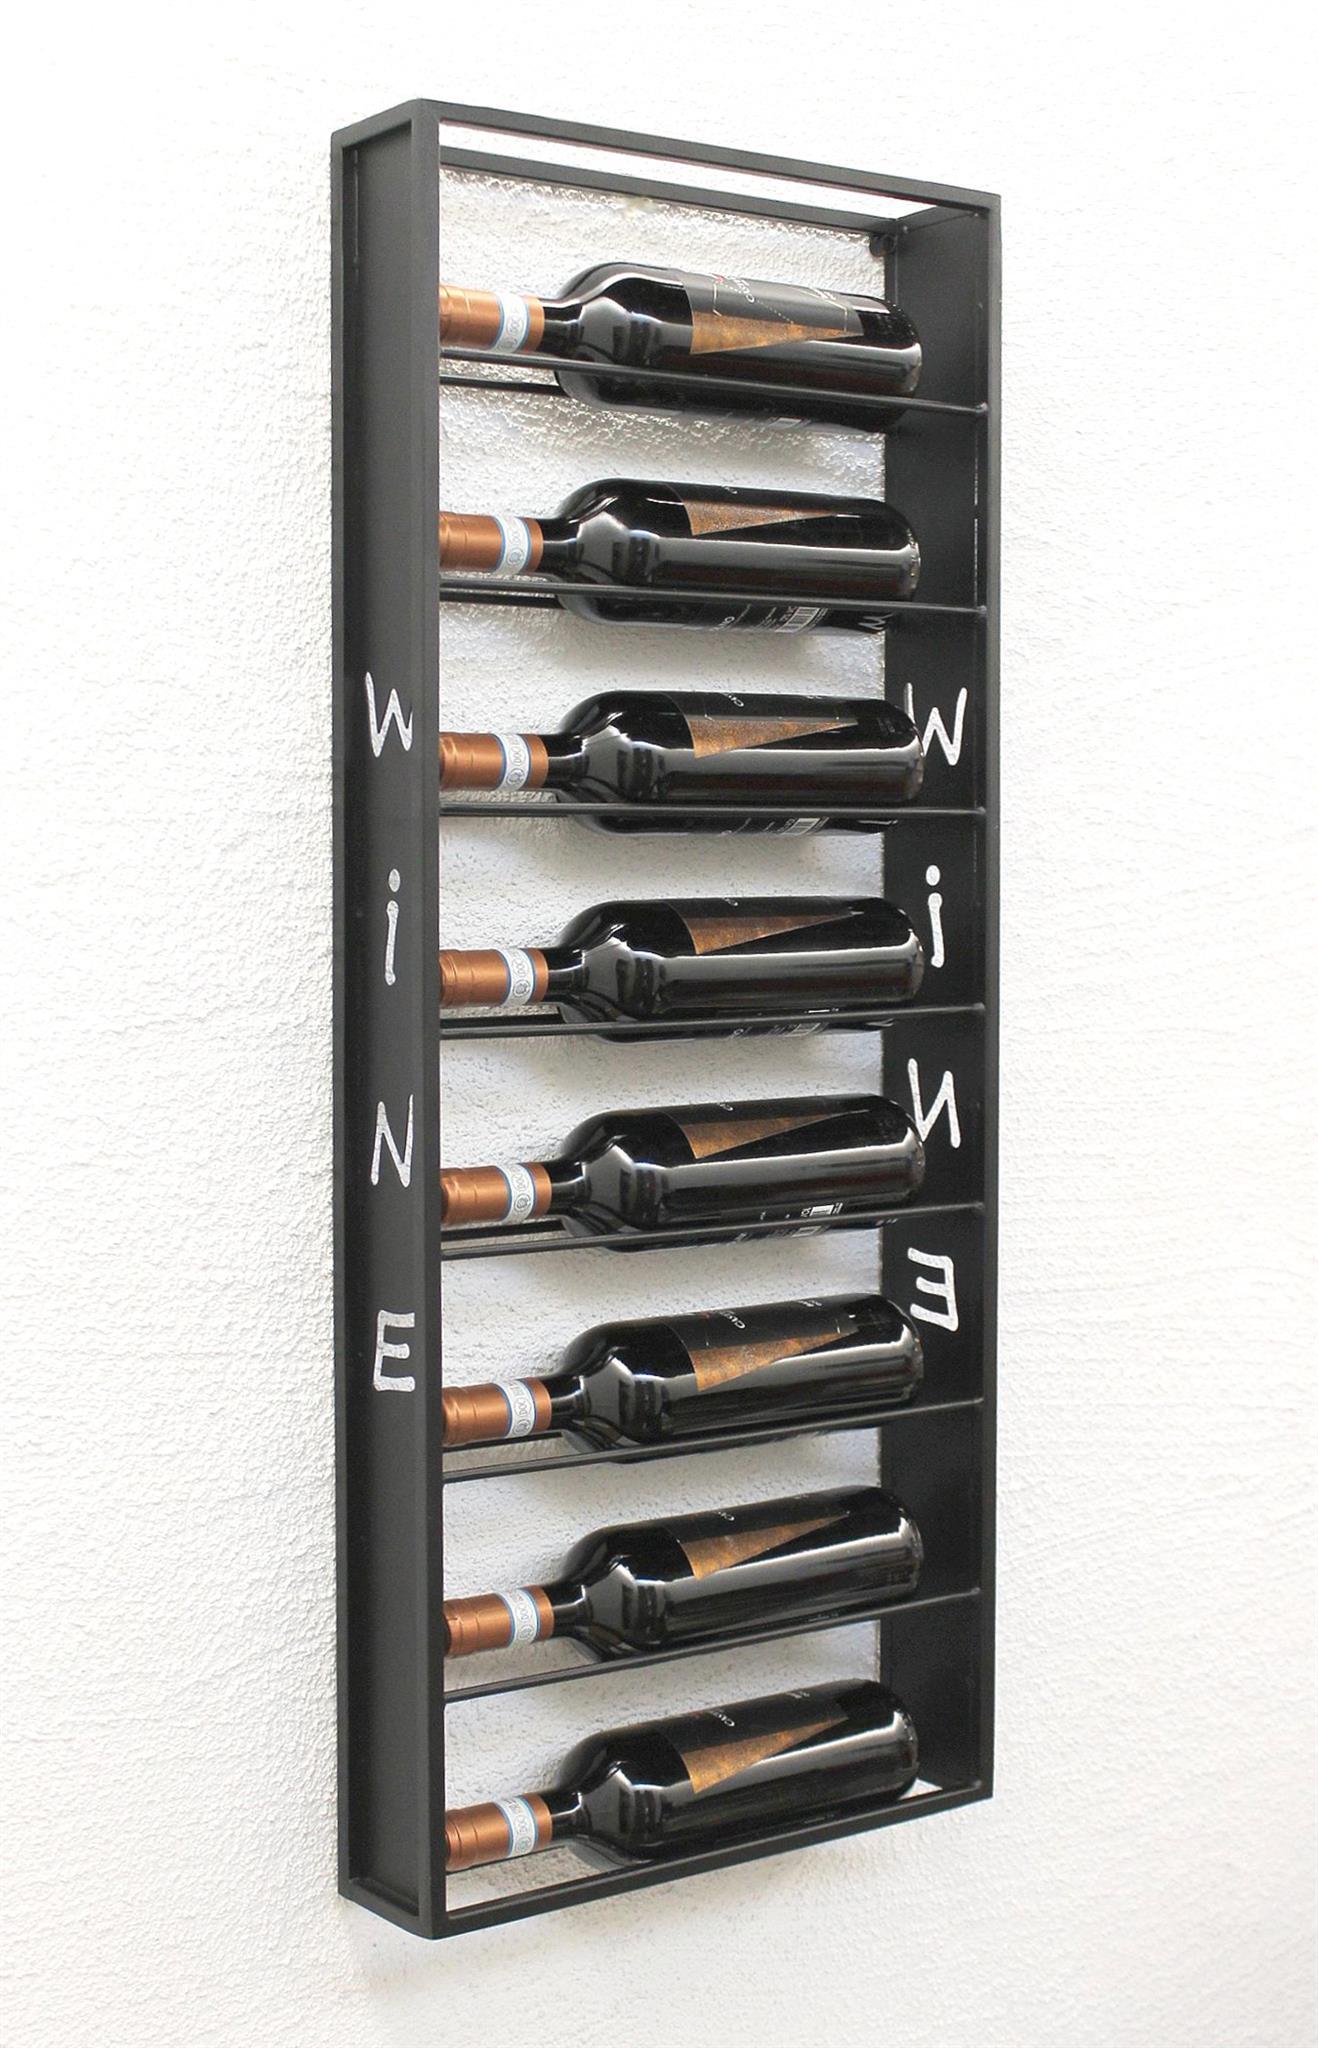 weinregal wand metall schwarz sofie flaschenst nder flaschenregal flaschenhalter. Black Bedroom Furniture Sets. Home Design Ideas